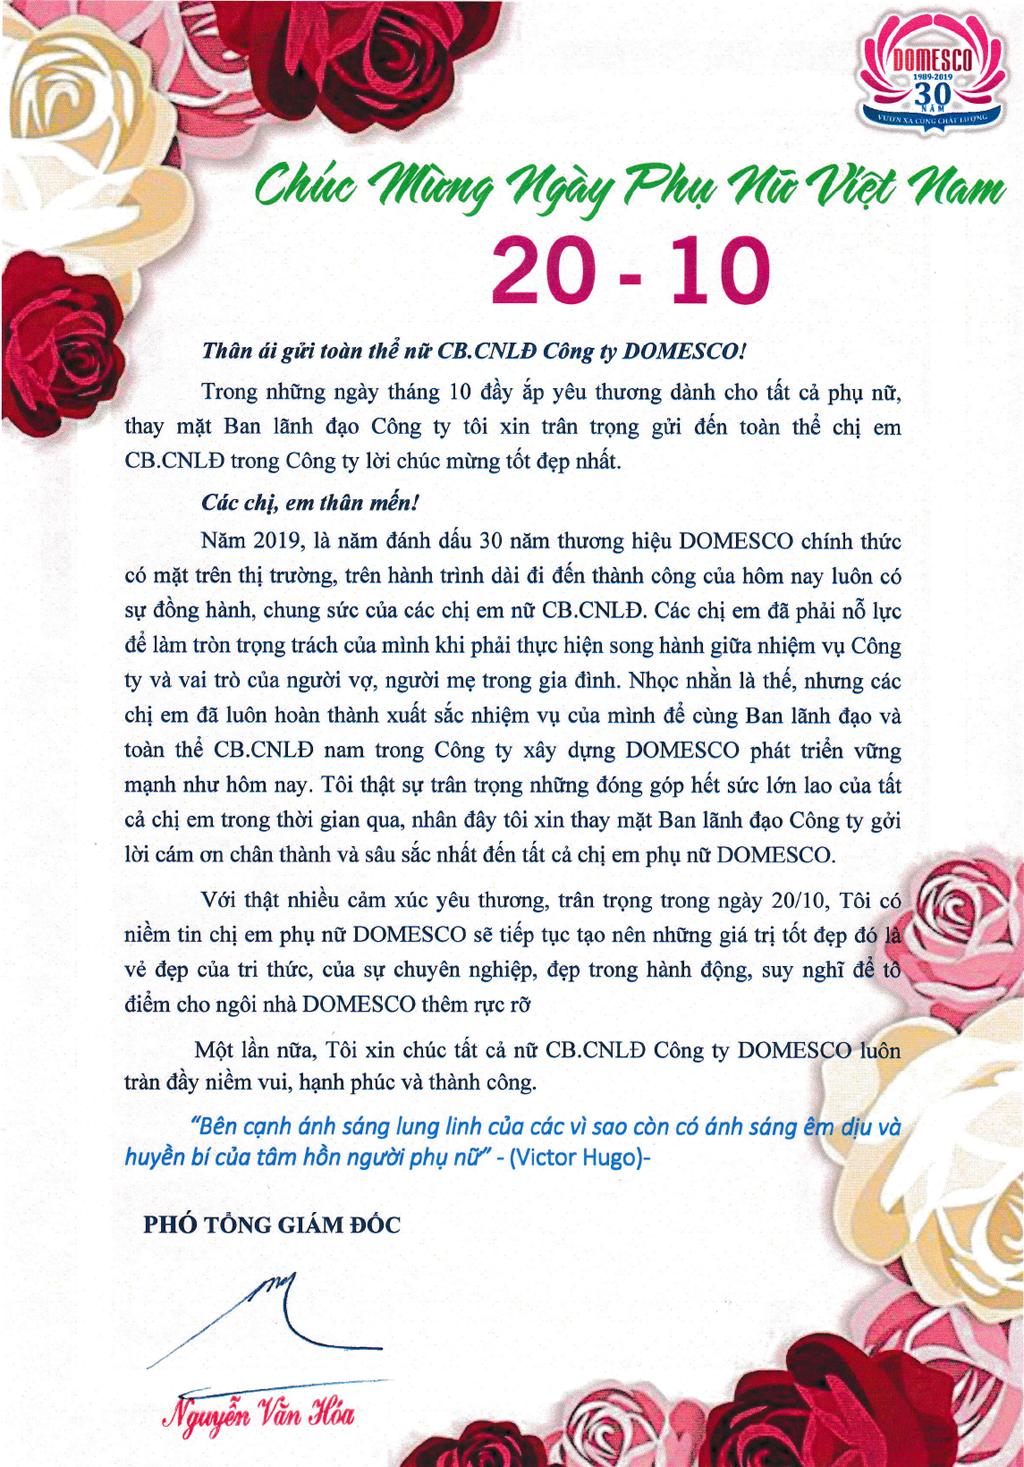 Thư chúc mừng ngày Phụ nữ Việt Nam 20/10